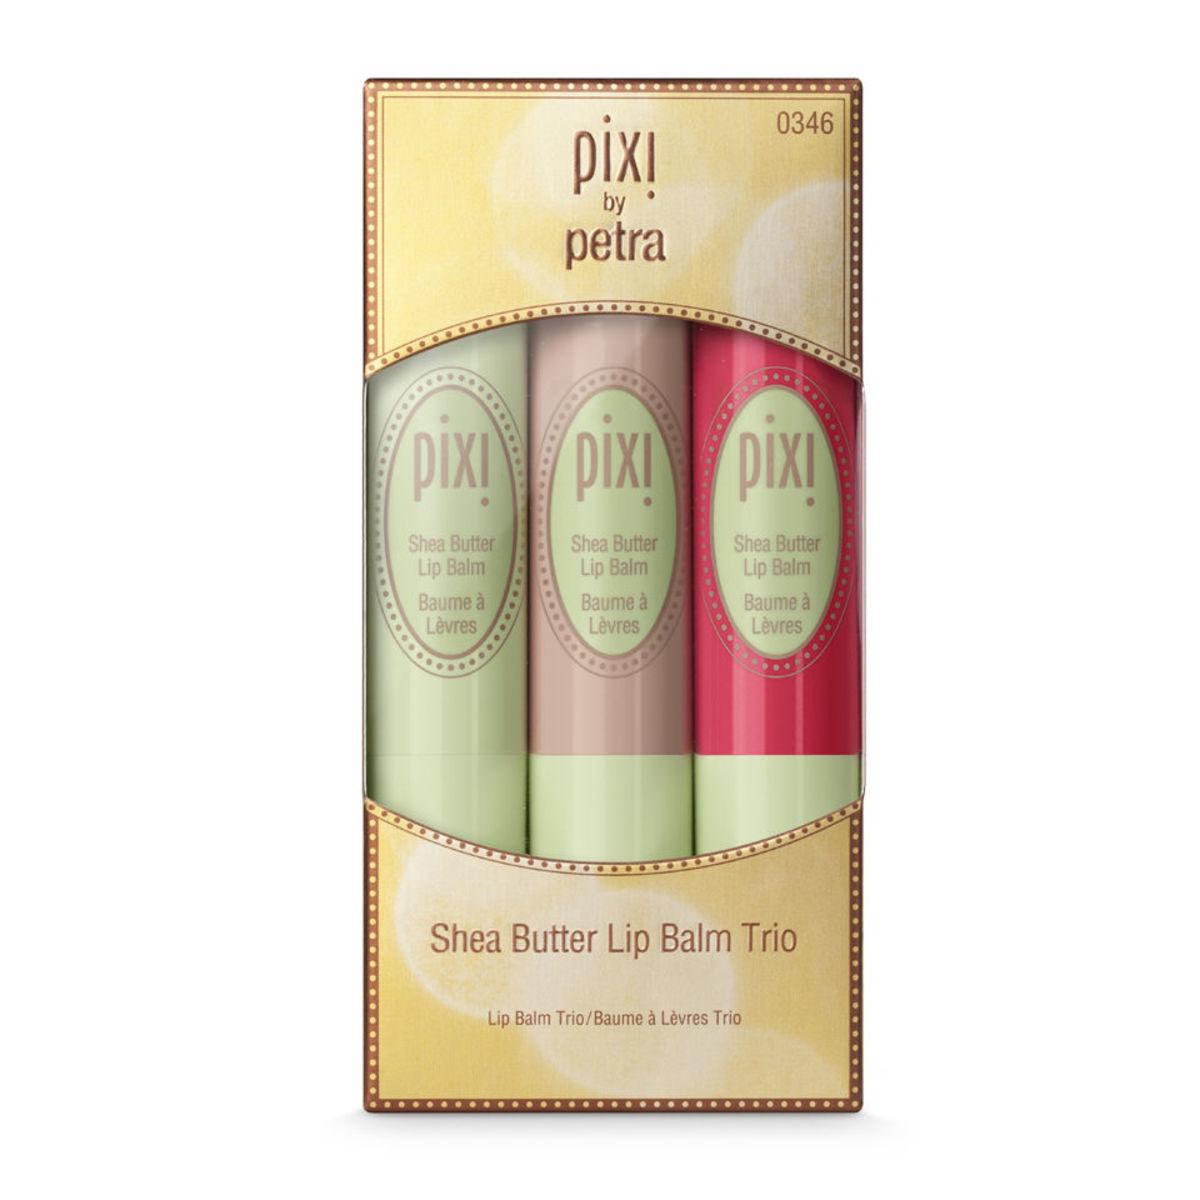 Pixi Shea Butter Lip Balm Trio